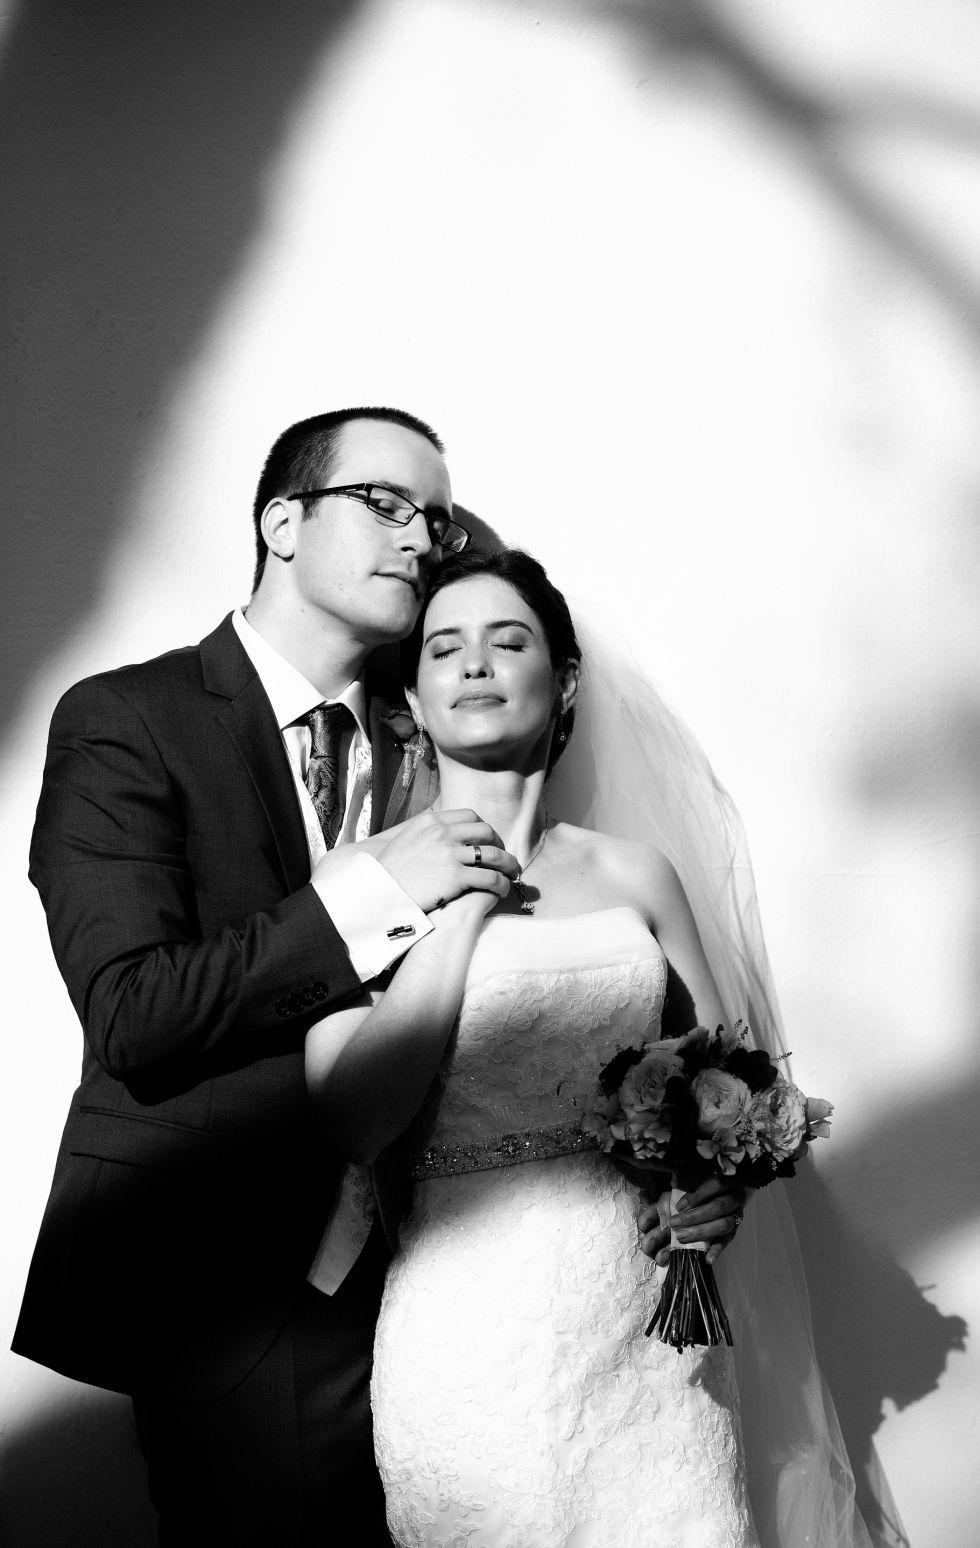 Matrimonio Simbolico Las Vegas : Elvis boda las vegas madrid maestro de ceremonias